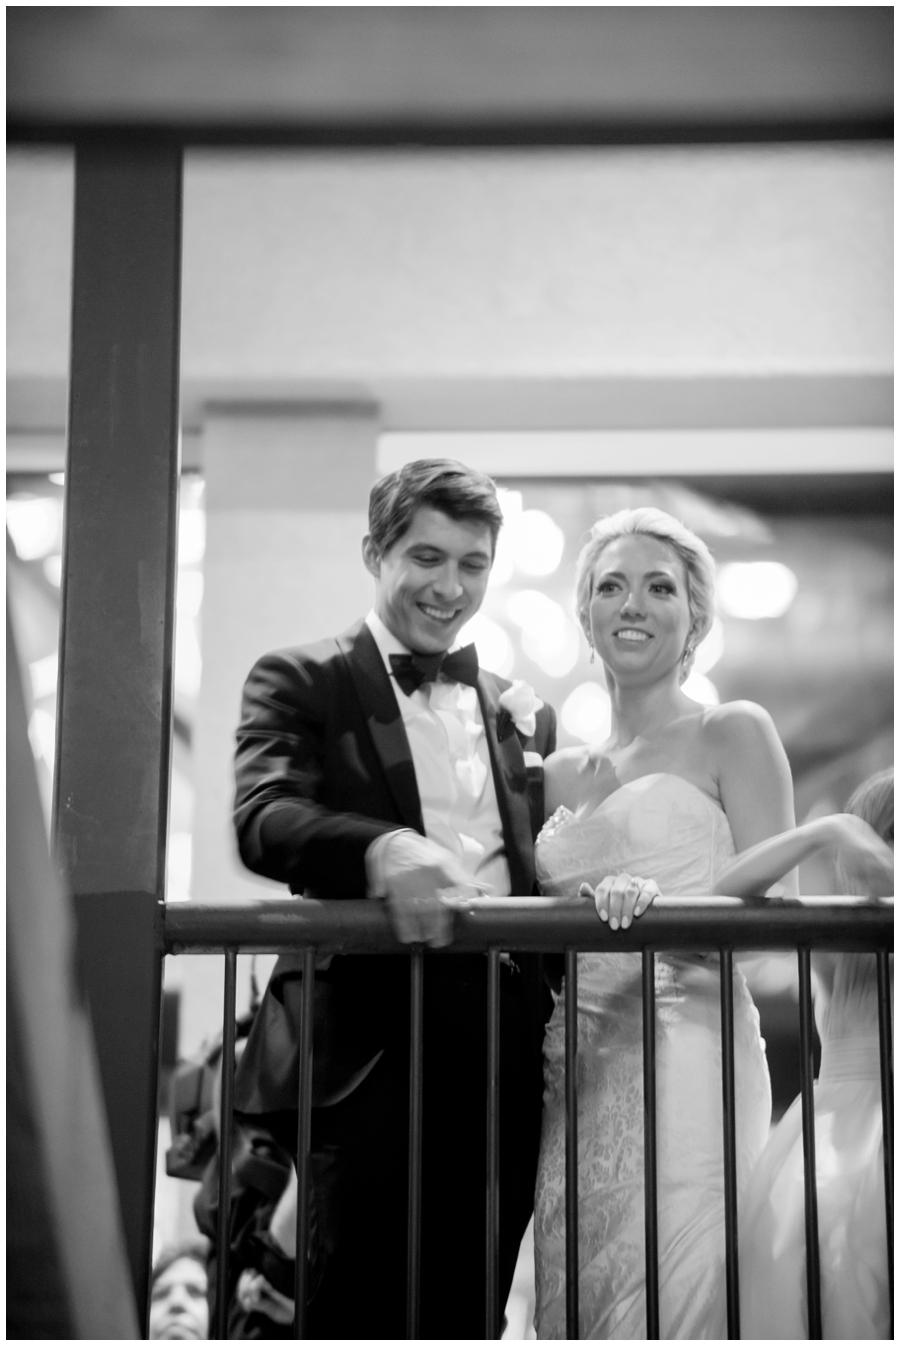 Ariane Moshayedi Photography - Wedding Photographer Orange County Newport Beach_0264.jpg